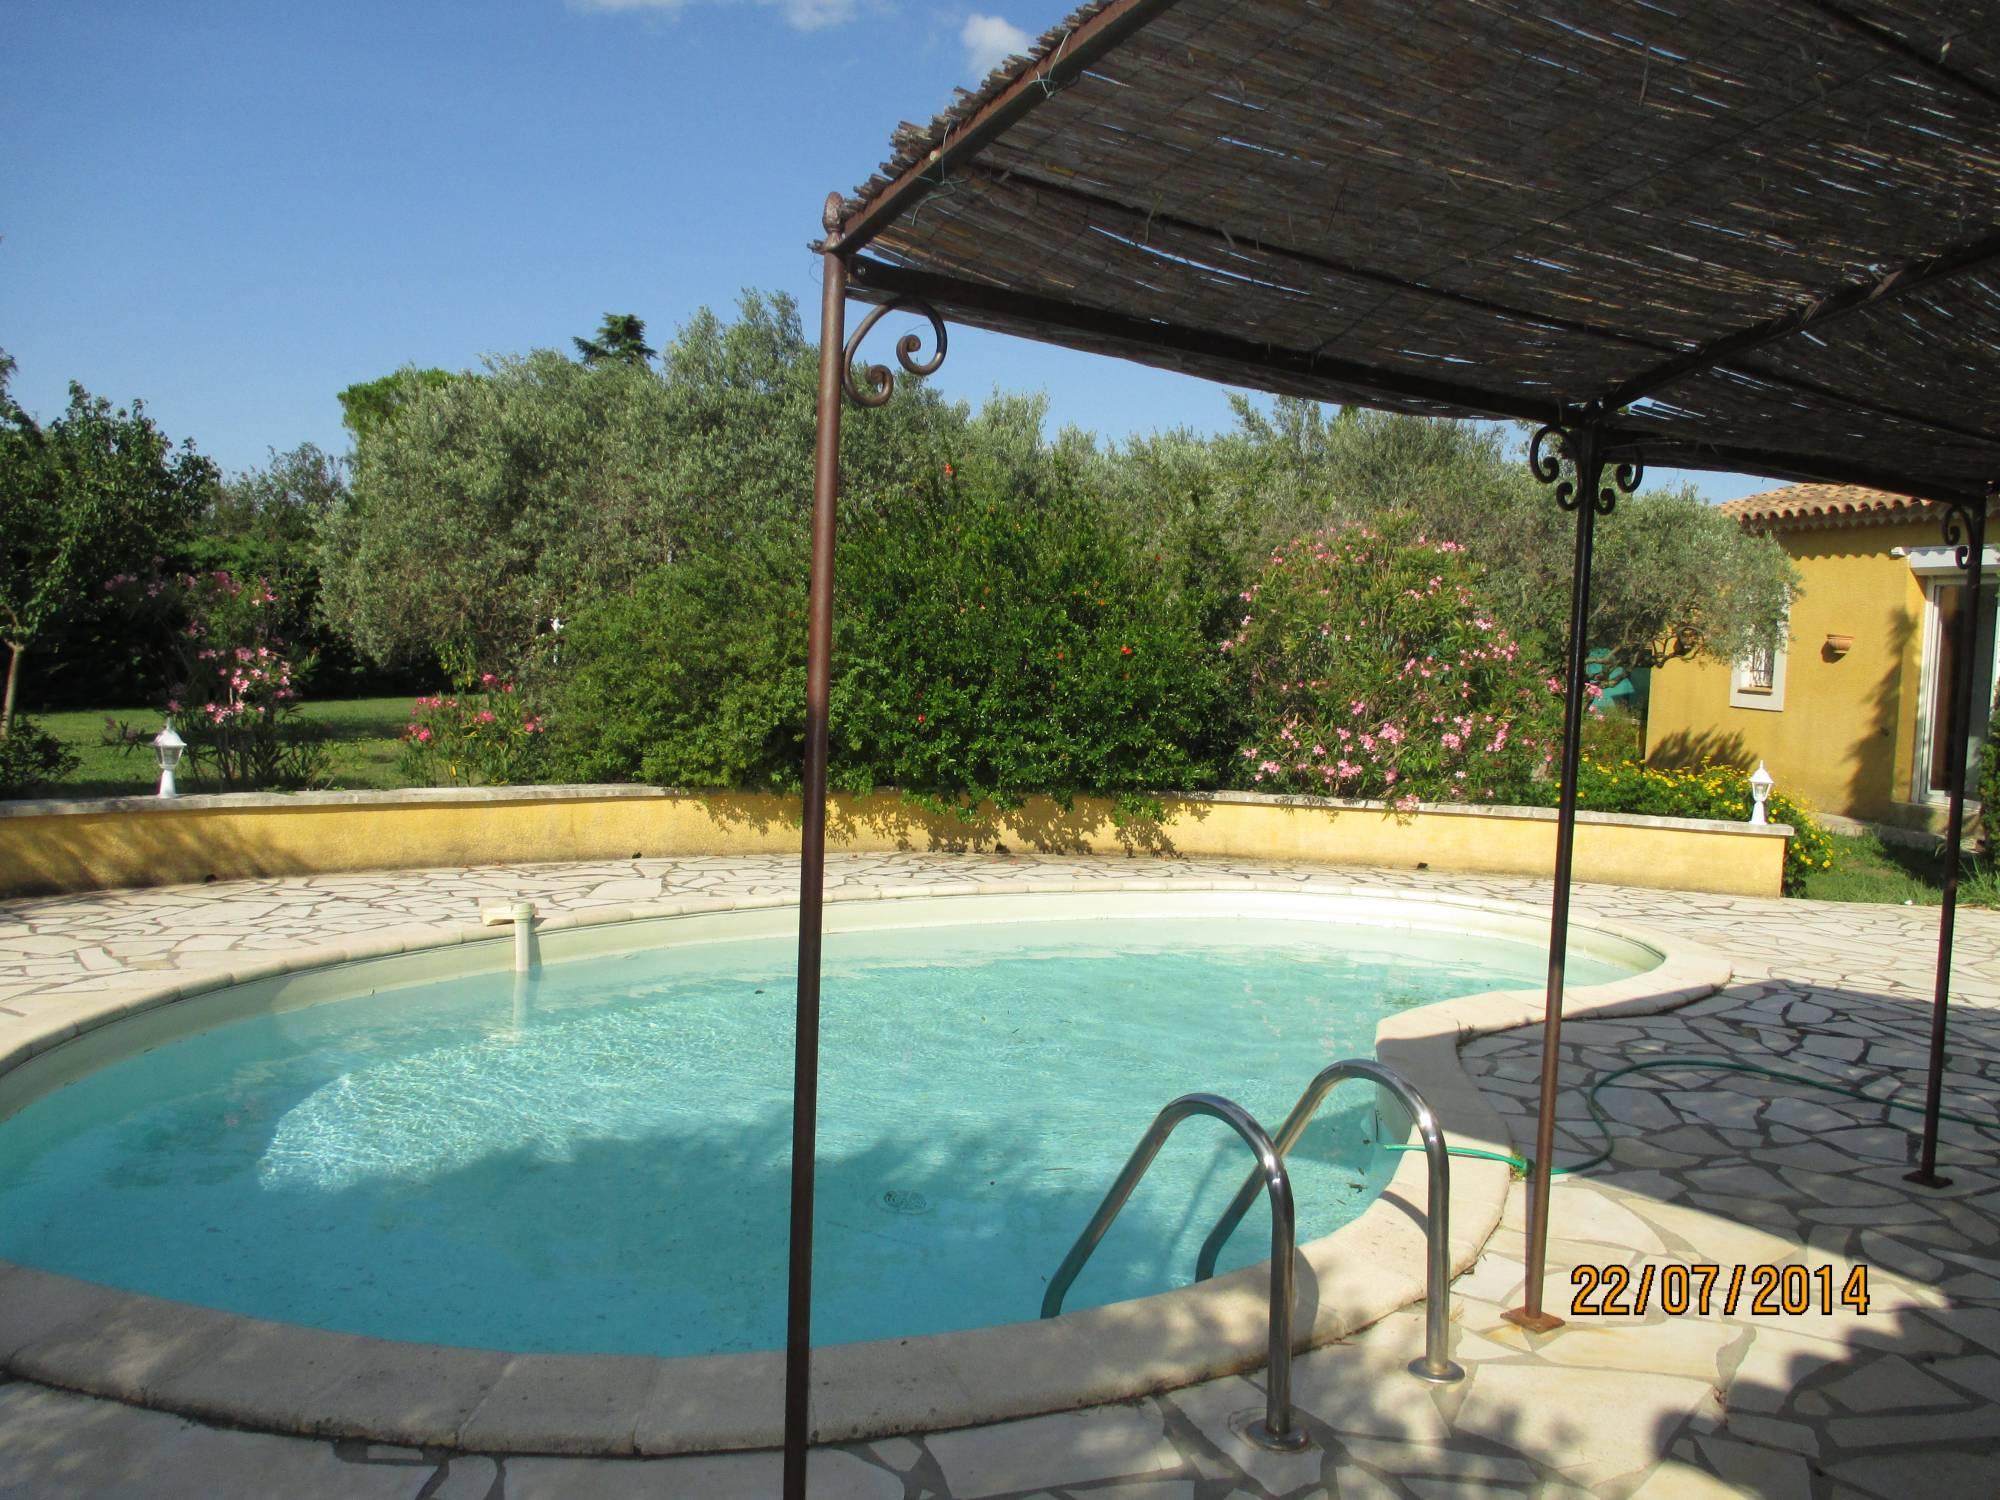 Villa De Charme 5 Saint Martin De Crau-13310 En Campagne Sur ... destiné Piscine Saint Martin De Crau